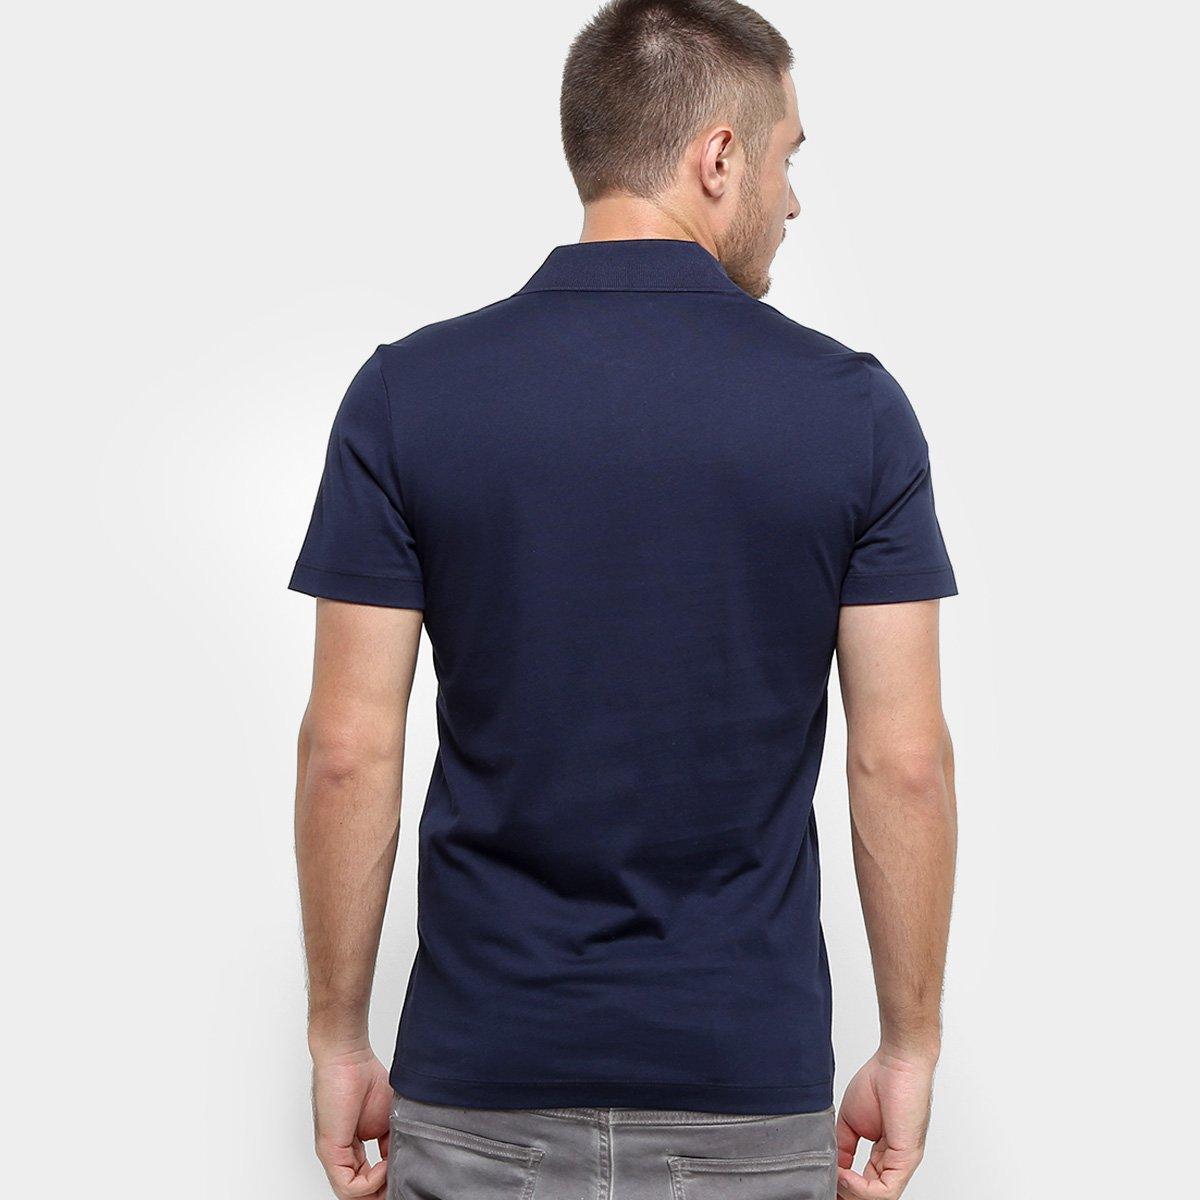 Foto 2 - Camisa Polo Lacoste Malha Original Fit Masculina